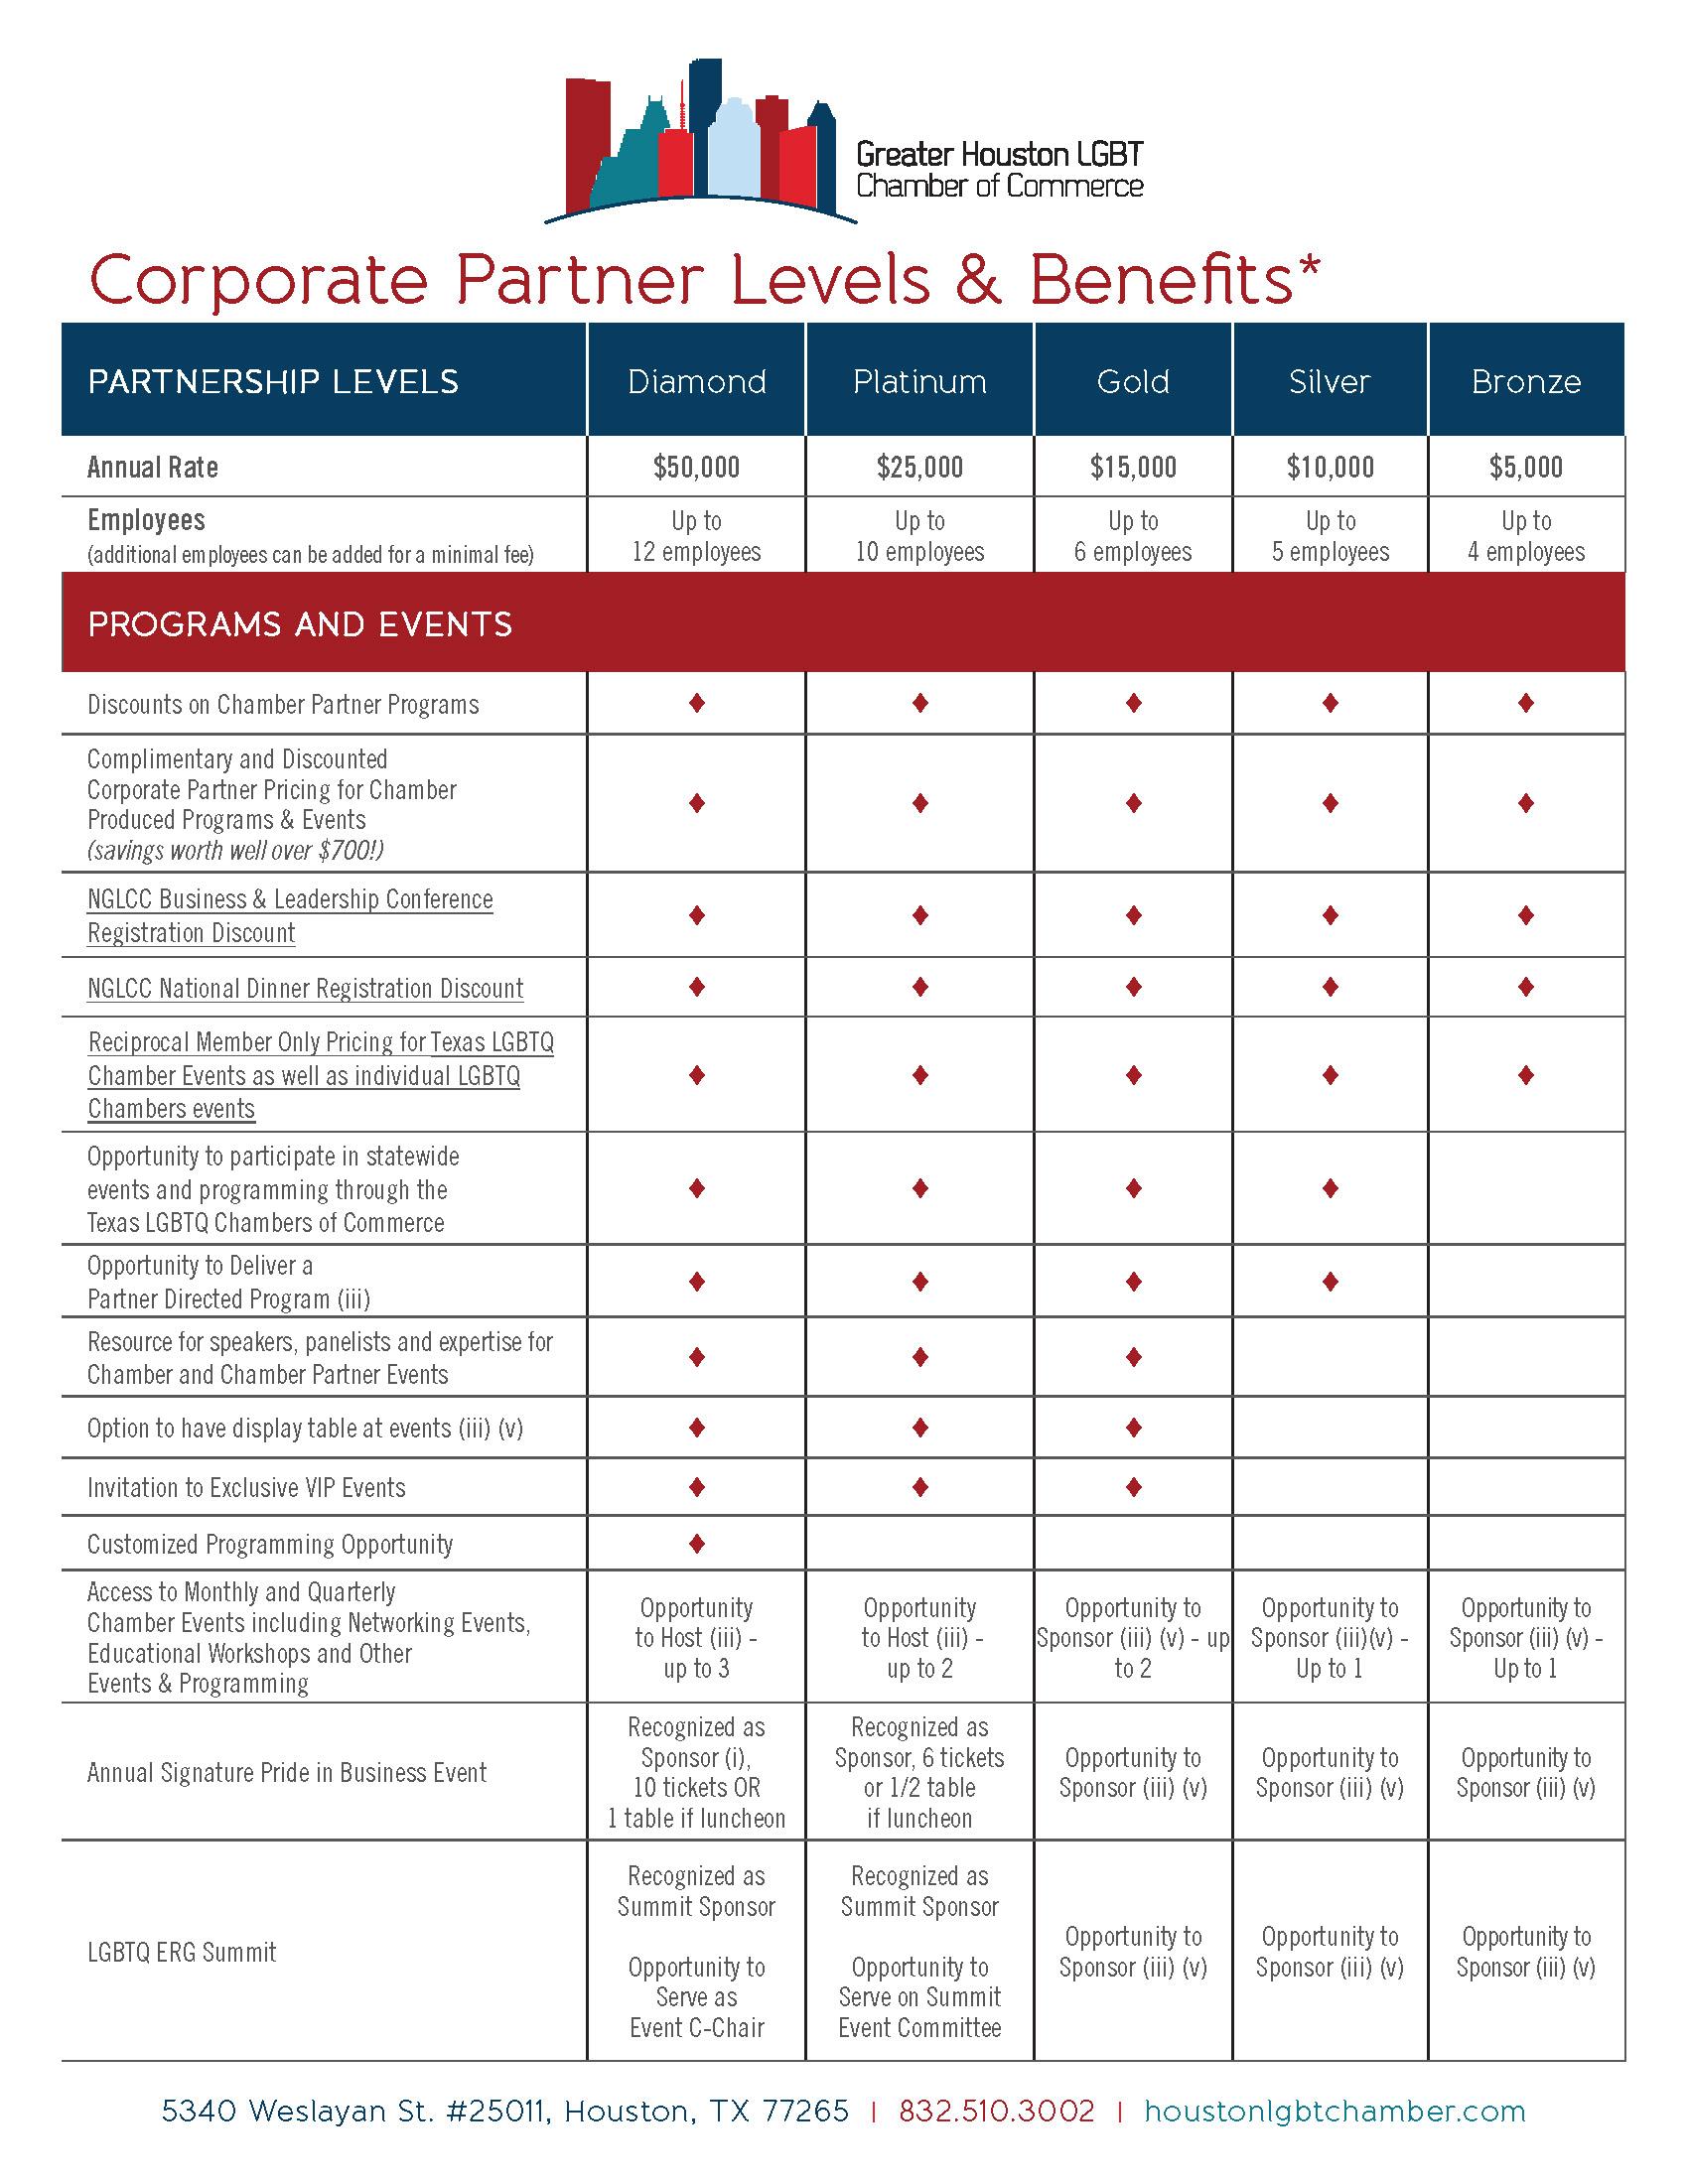 Corporate Partner Levels & Benefits FINAL Dec 2020_Page_1